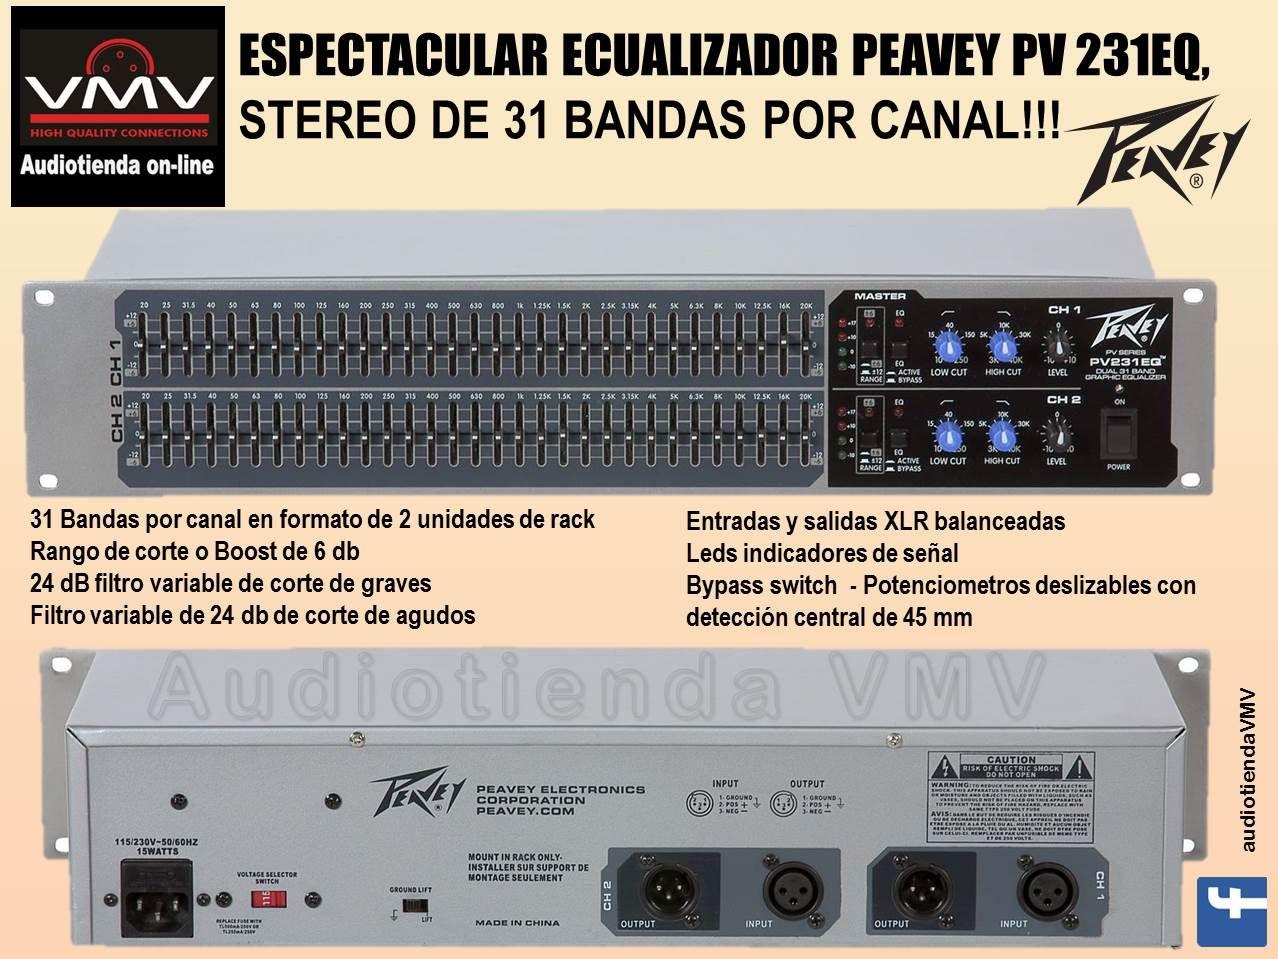 EQ Peavey